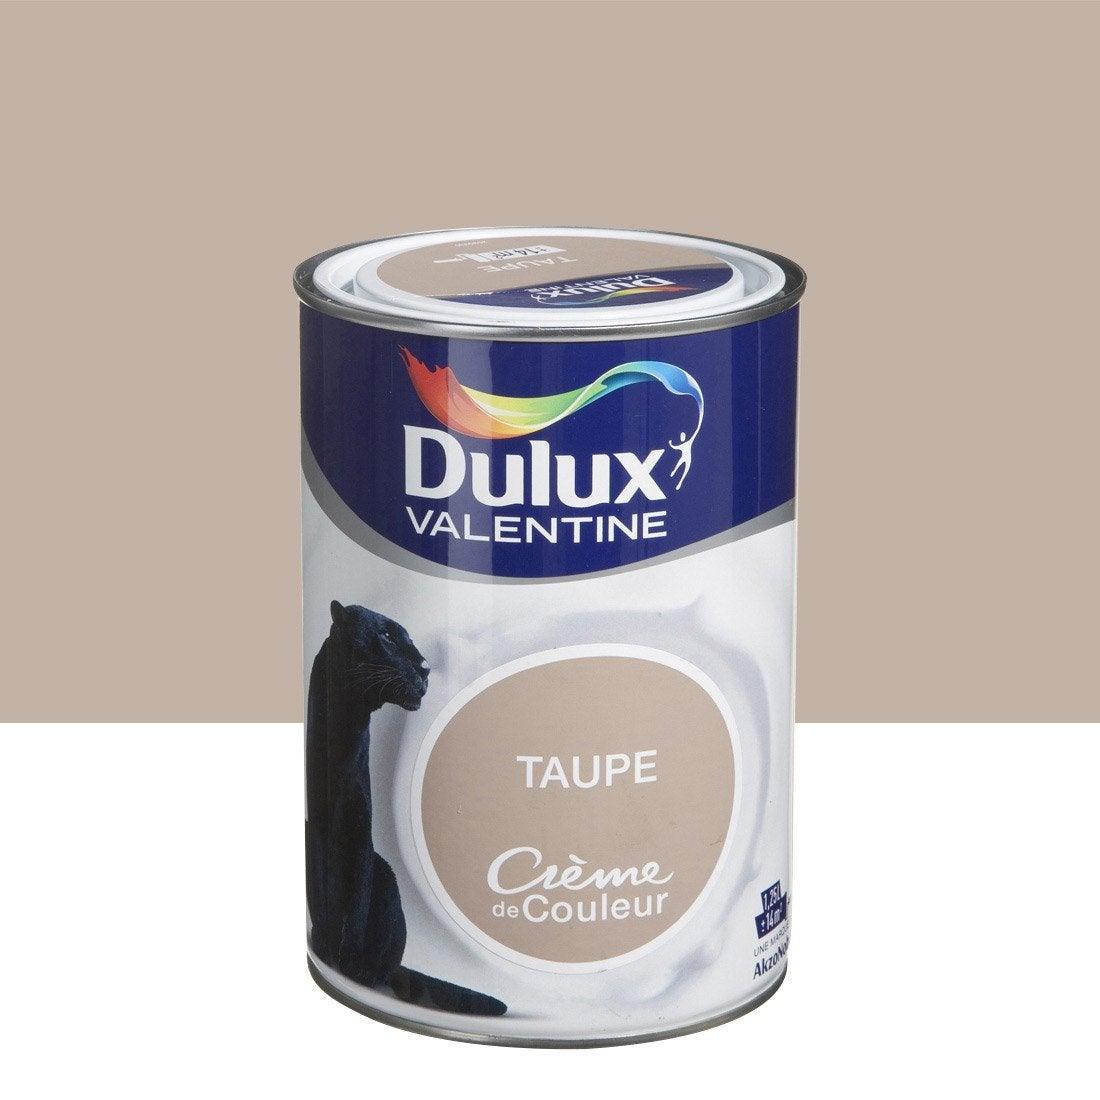 Peinture multisupports cr me de couleur dulux valentine brun taupe l - Leroy merlin peinture couleur ...